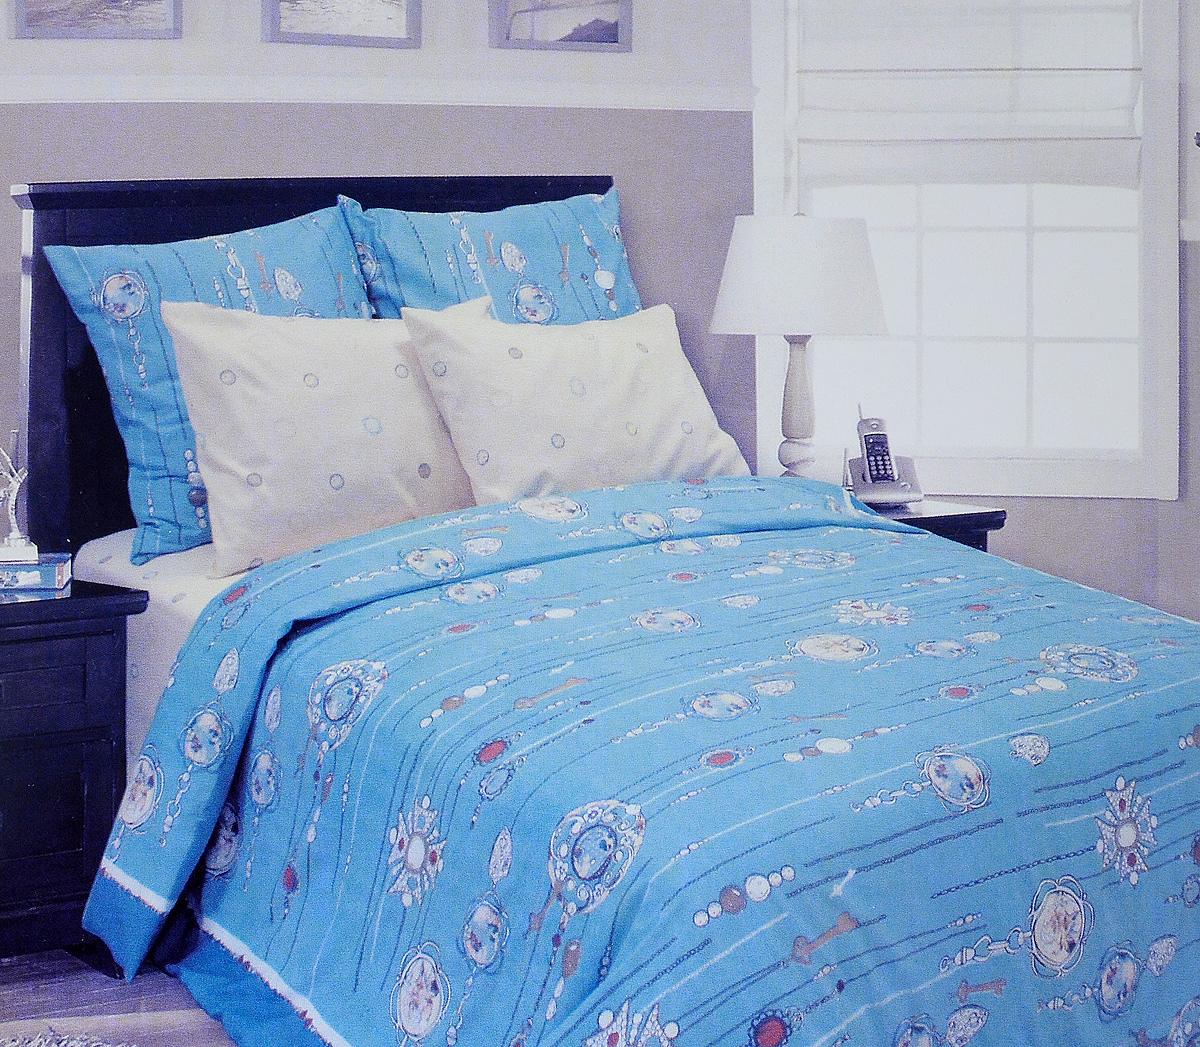 Комплект белья Tiffanys Secret, евро, наволочки 50х70, цвет: бирюзовый, белый, бежевый2040815187Комплект постельного белья Tiffanys Secret является экологически безопасным для всей семьи, так как выполнен из сатина (100% хлопок). Комплект состоит из пододеяльника, простыни и двух наволочек. Предметы комплекта оформлены оригинальным рисунком.Благодаря такому комплекту постельного белья вы сможете создать атмосферу уюта и комфорта в вашей спальне.Сатин - это ткань, навсегда покорившая сердца человечества. Ценившие роскошь персы называли ее атлас, а искушенные в прекрасном французы - сатин. Секрет высококачественного сатина в безупречности всего технологического процесса. Эту благородную ткань делают только из отборной натуральной пряжи, которую получают из самого лучшего тонковолокнистого хлопка. Благодаря использованию самой тонкой хлопковой нити получается необычайно мягкое и нежное полотно. Сатиновое постельное белье превращает жаркие летние ночи в прохладные и освежающие, а холодные зимние - в теплые и согревающие. Сатин очень приятен на ощупь, постельное белье из него долговечно, выдерживает более 300 стирок, и лишь спустя долгое время материал начинает немного тускнеть. Оцените все достоинства постельного белья из сатина, выбирая самое лучшее для себя!